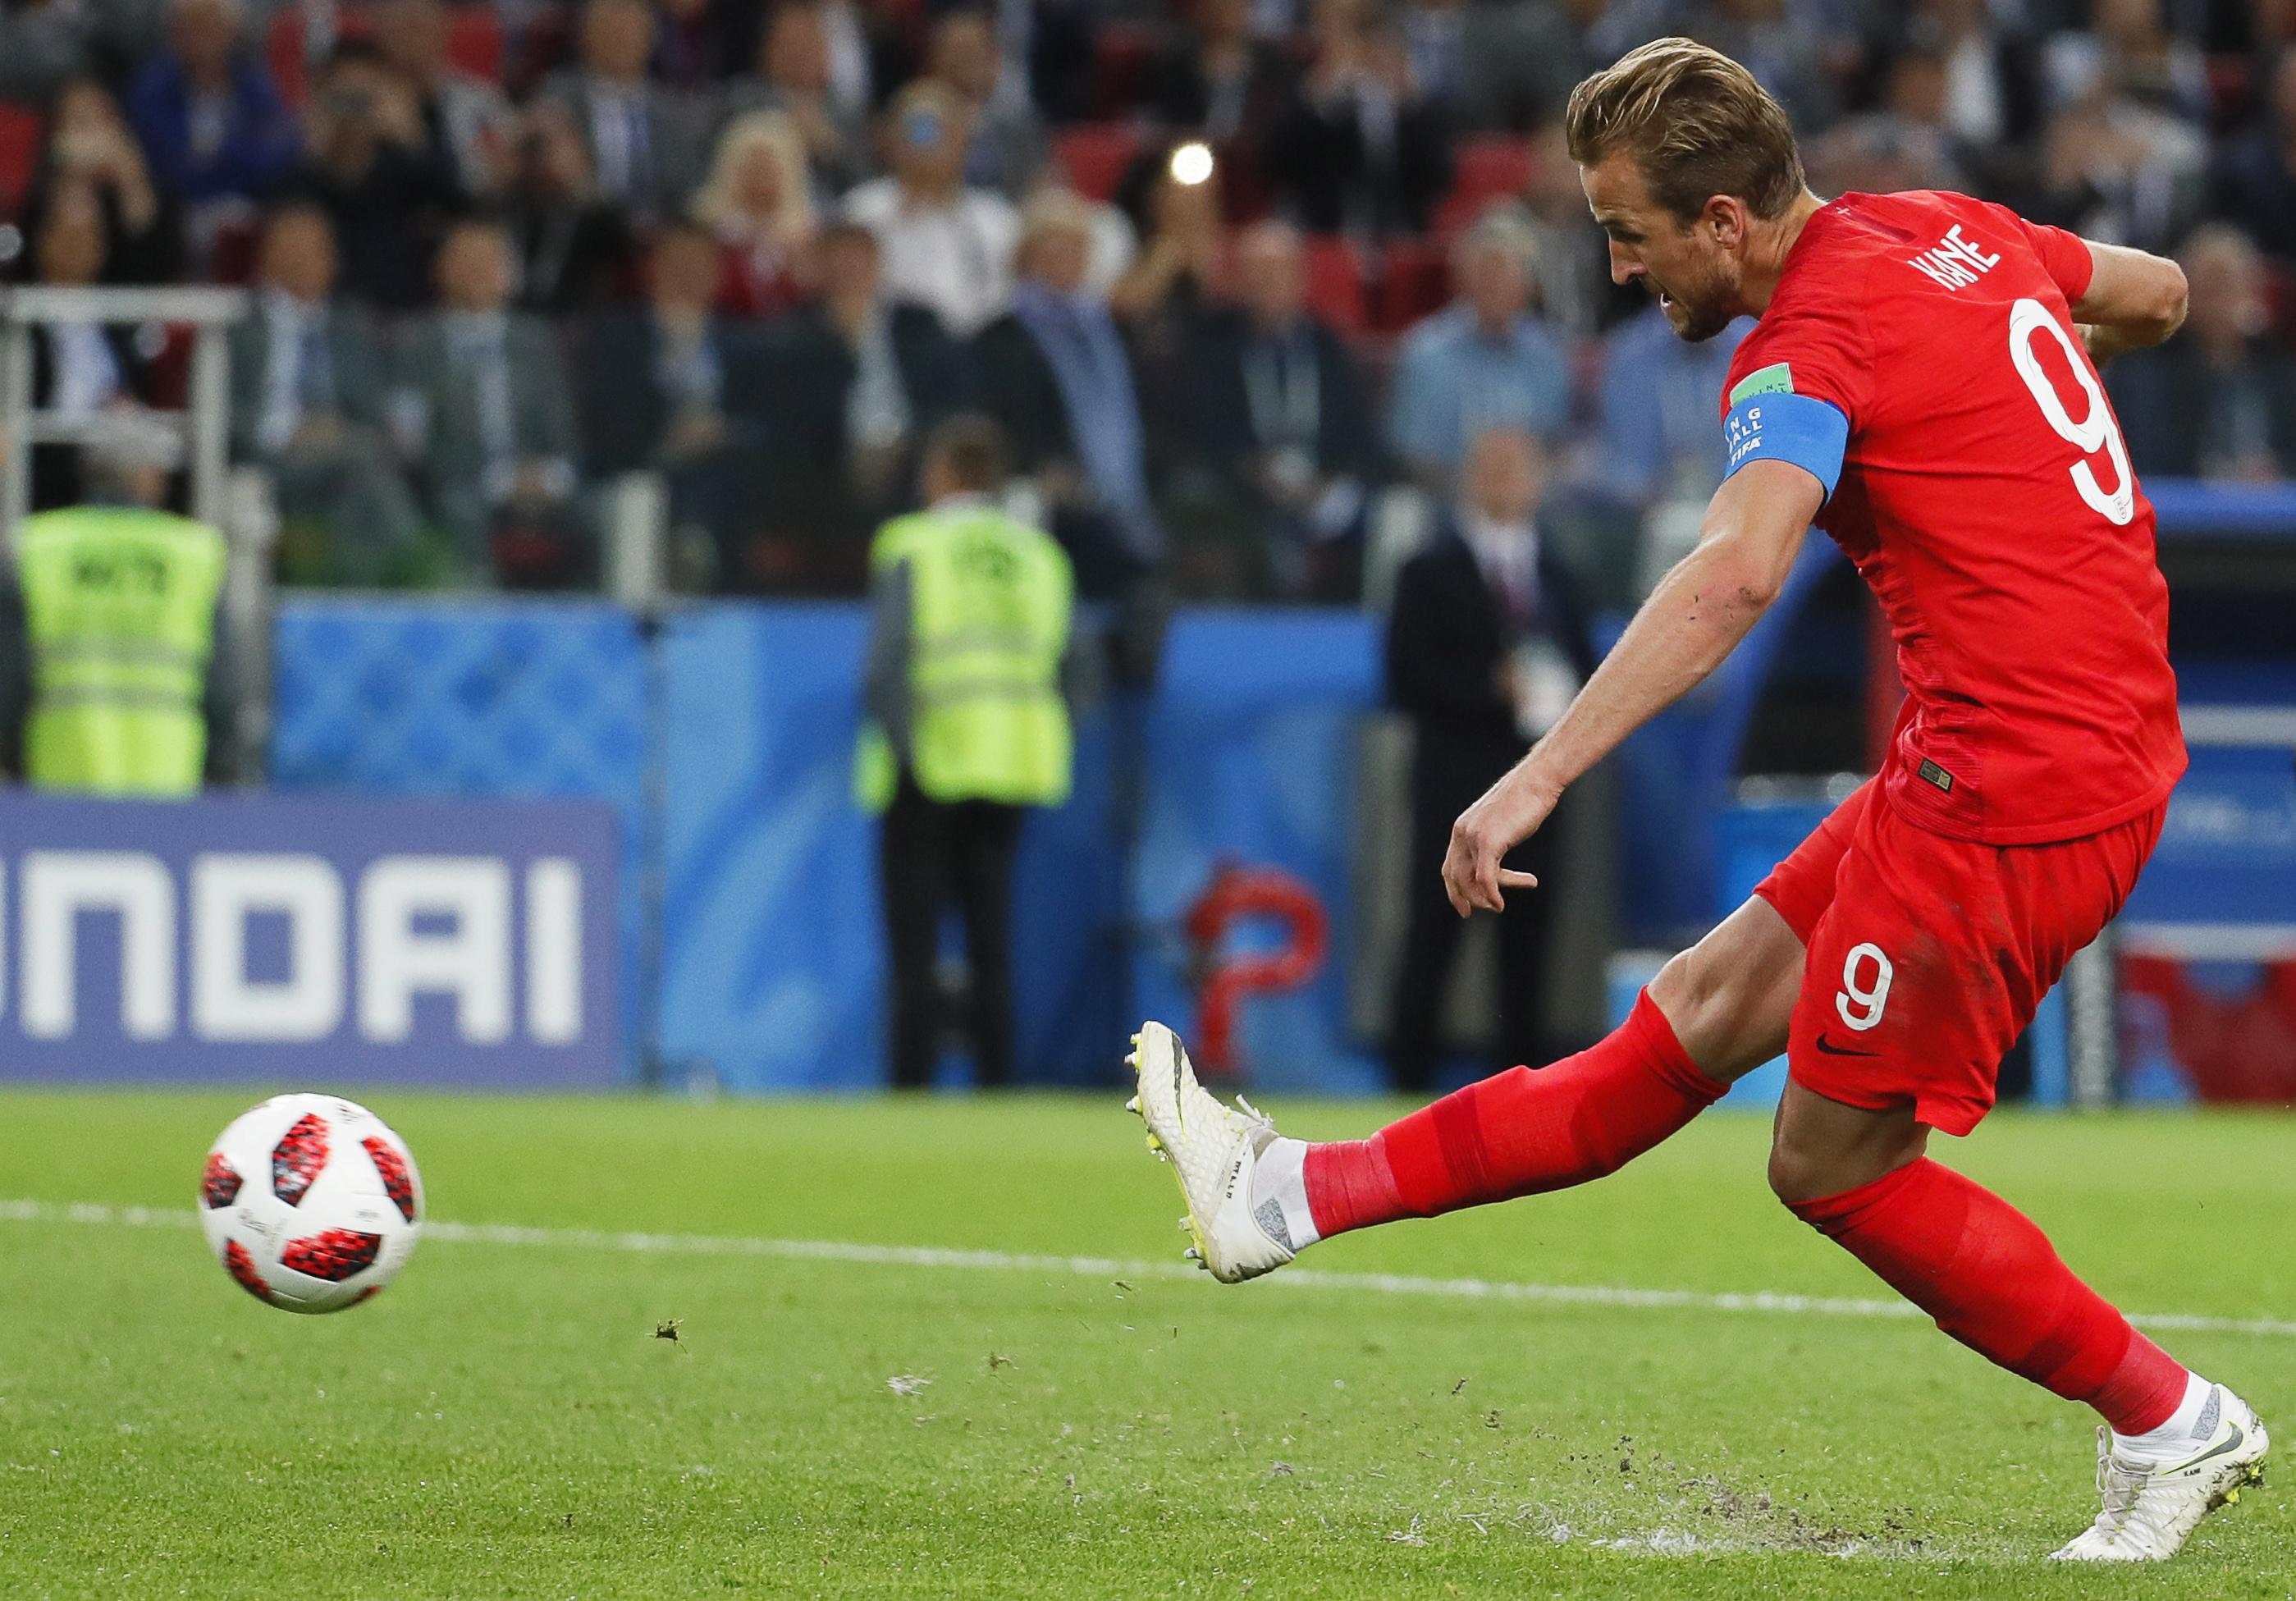 Kolumbija u sudačkoj naknadi iznudila produžetke, Engleska prošla dalje na penale